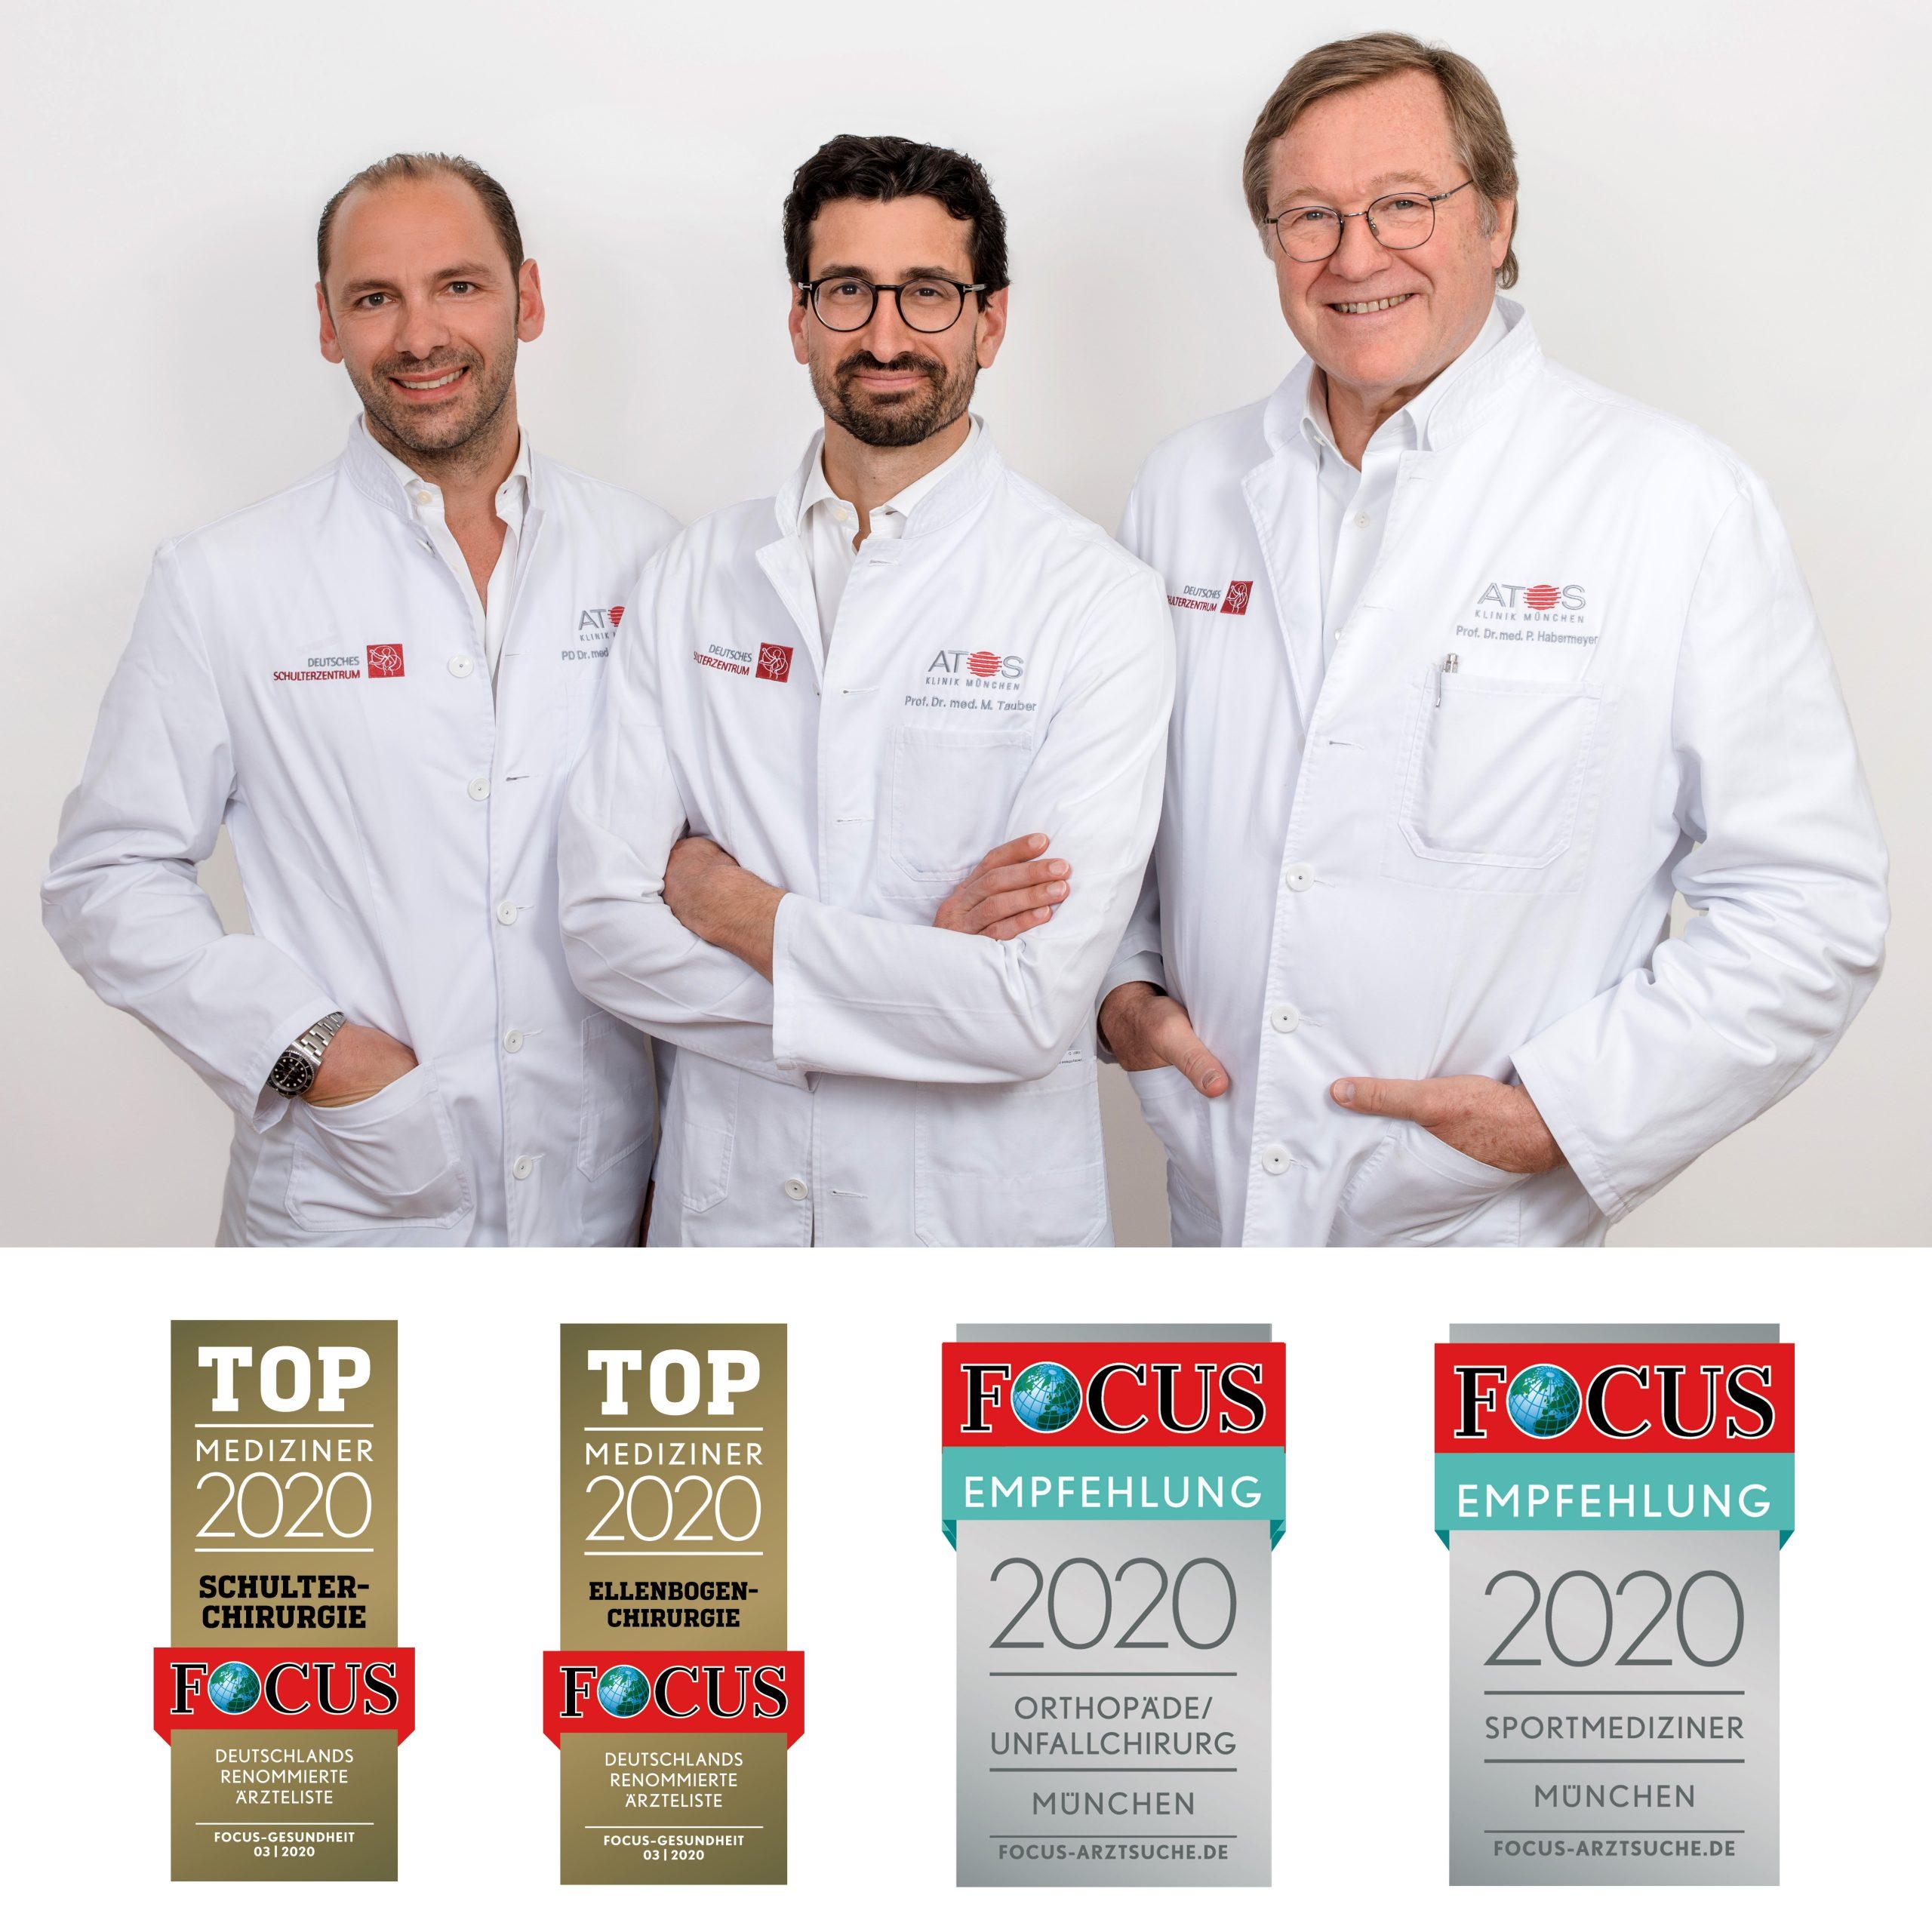 Focus Top-Mediziner 2020 - Prof. Dr. med. Peter Habermeyer, Prof. Dr. med. univ. Mark Tauber, Priv.-Doz. Dr. med. Frank Martetschläger